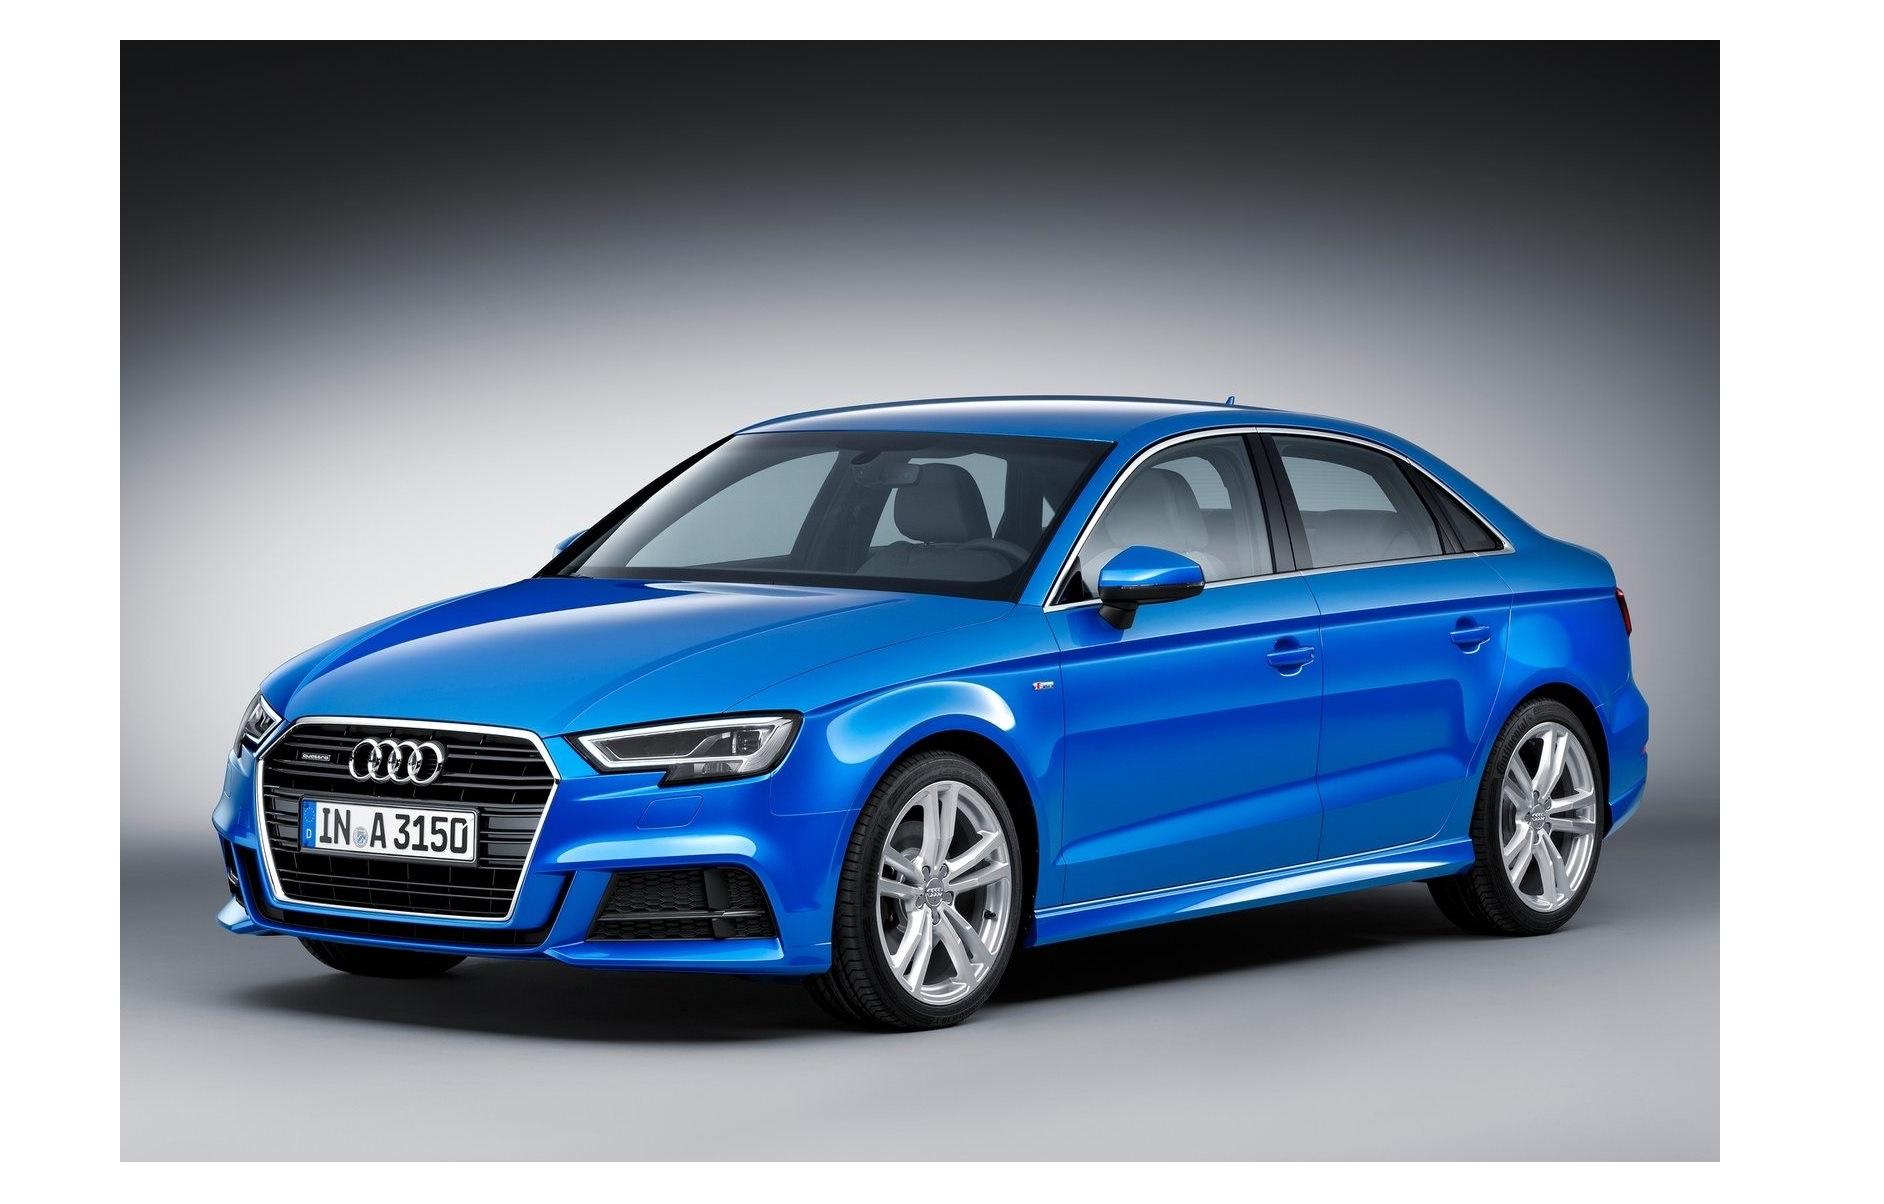 Kelebihan Kekurangan A3 Audi 2019 Top Model Tahun Ini